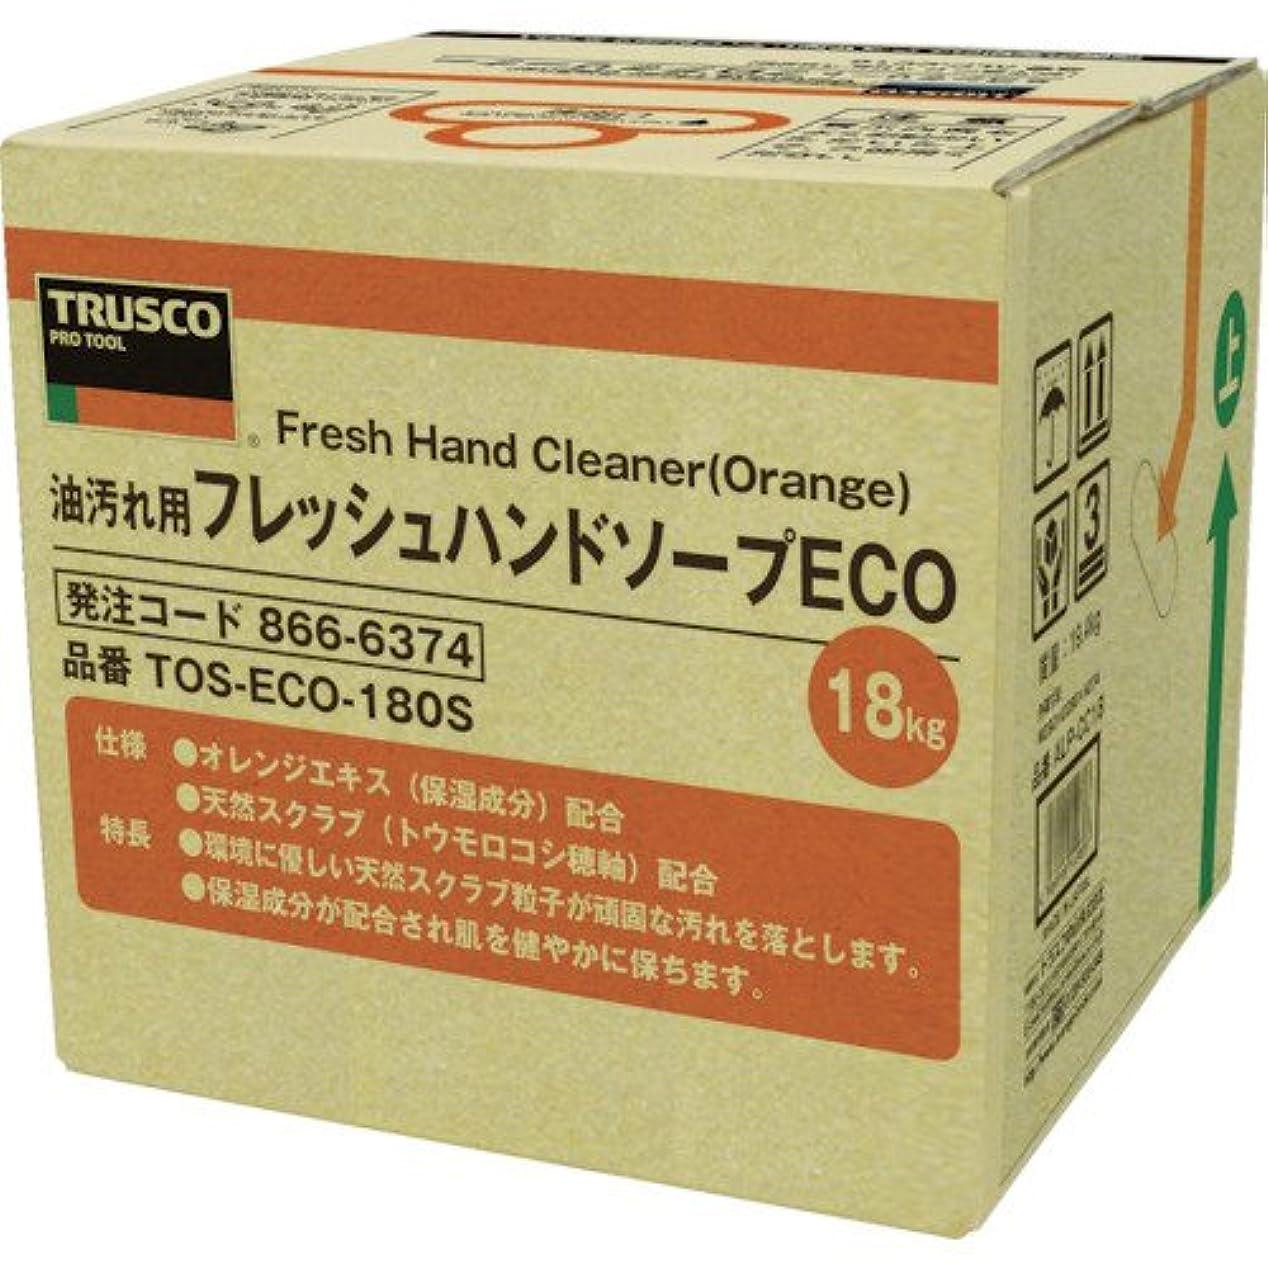 作成者差別する教育者トラスコ中山 株 TRUSCO フレッシュハンドソープ 18L 詰替 バッグインボックス TOS-ECO-180S